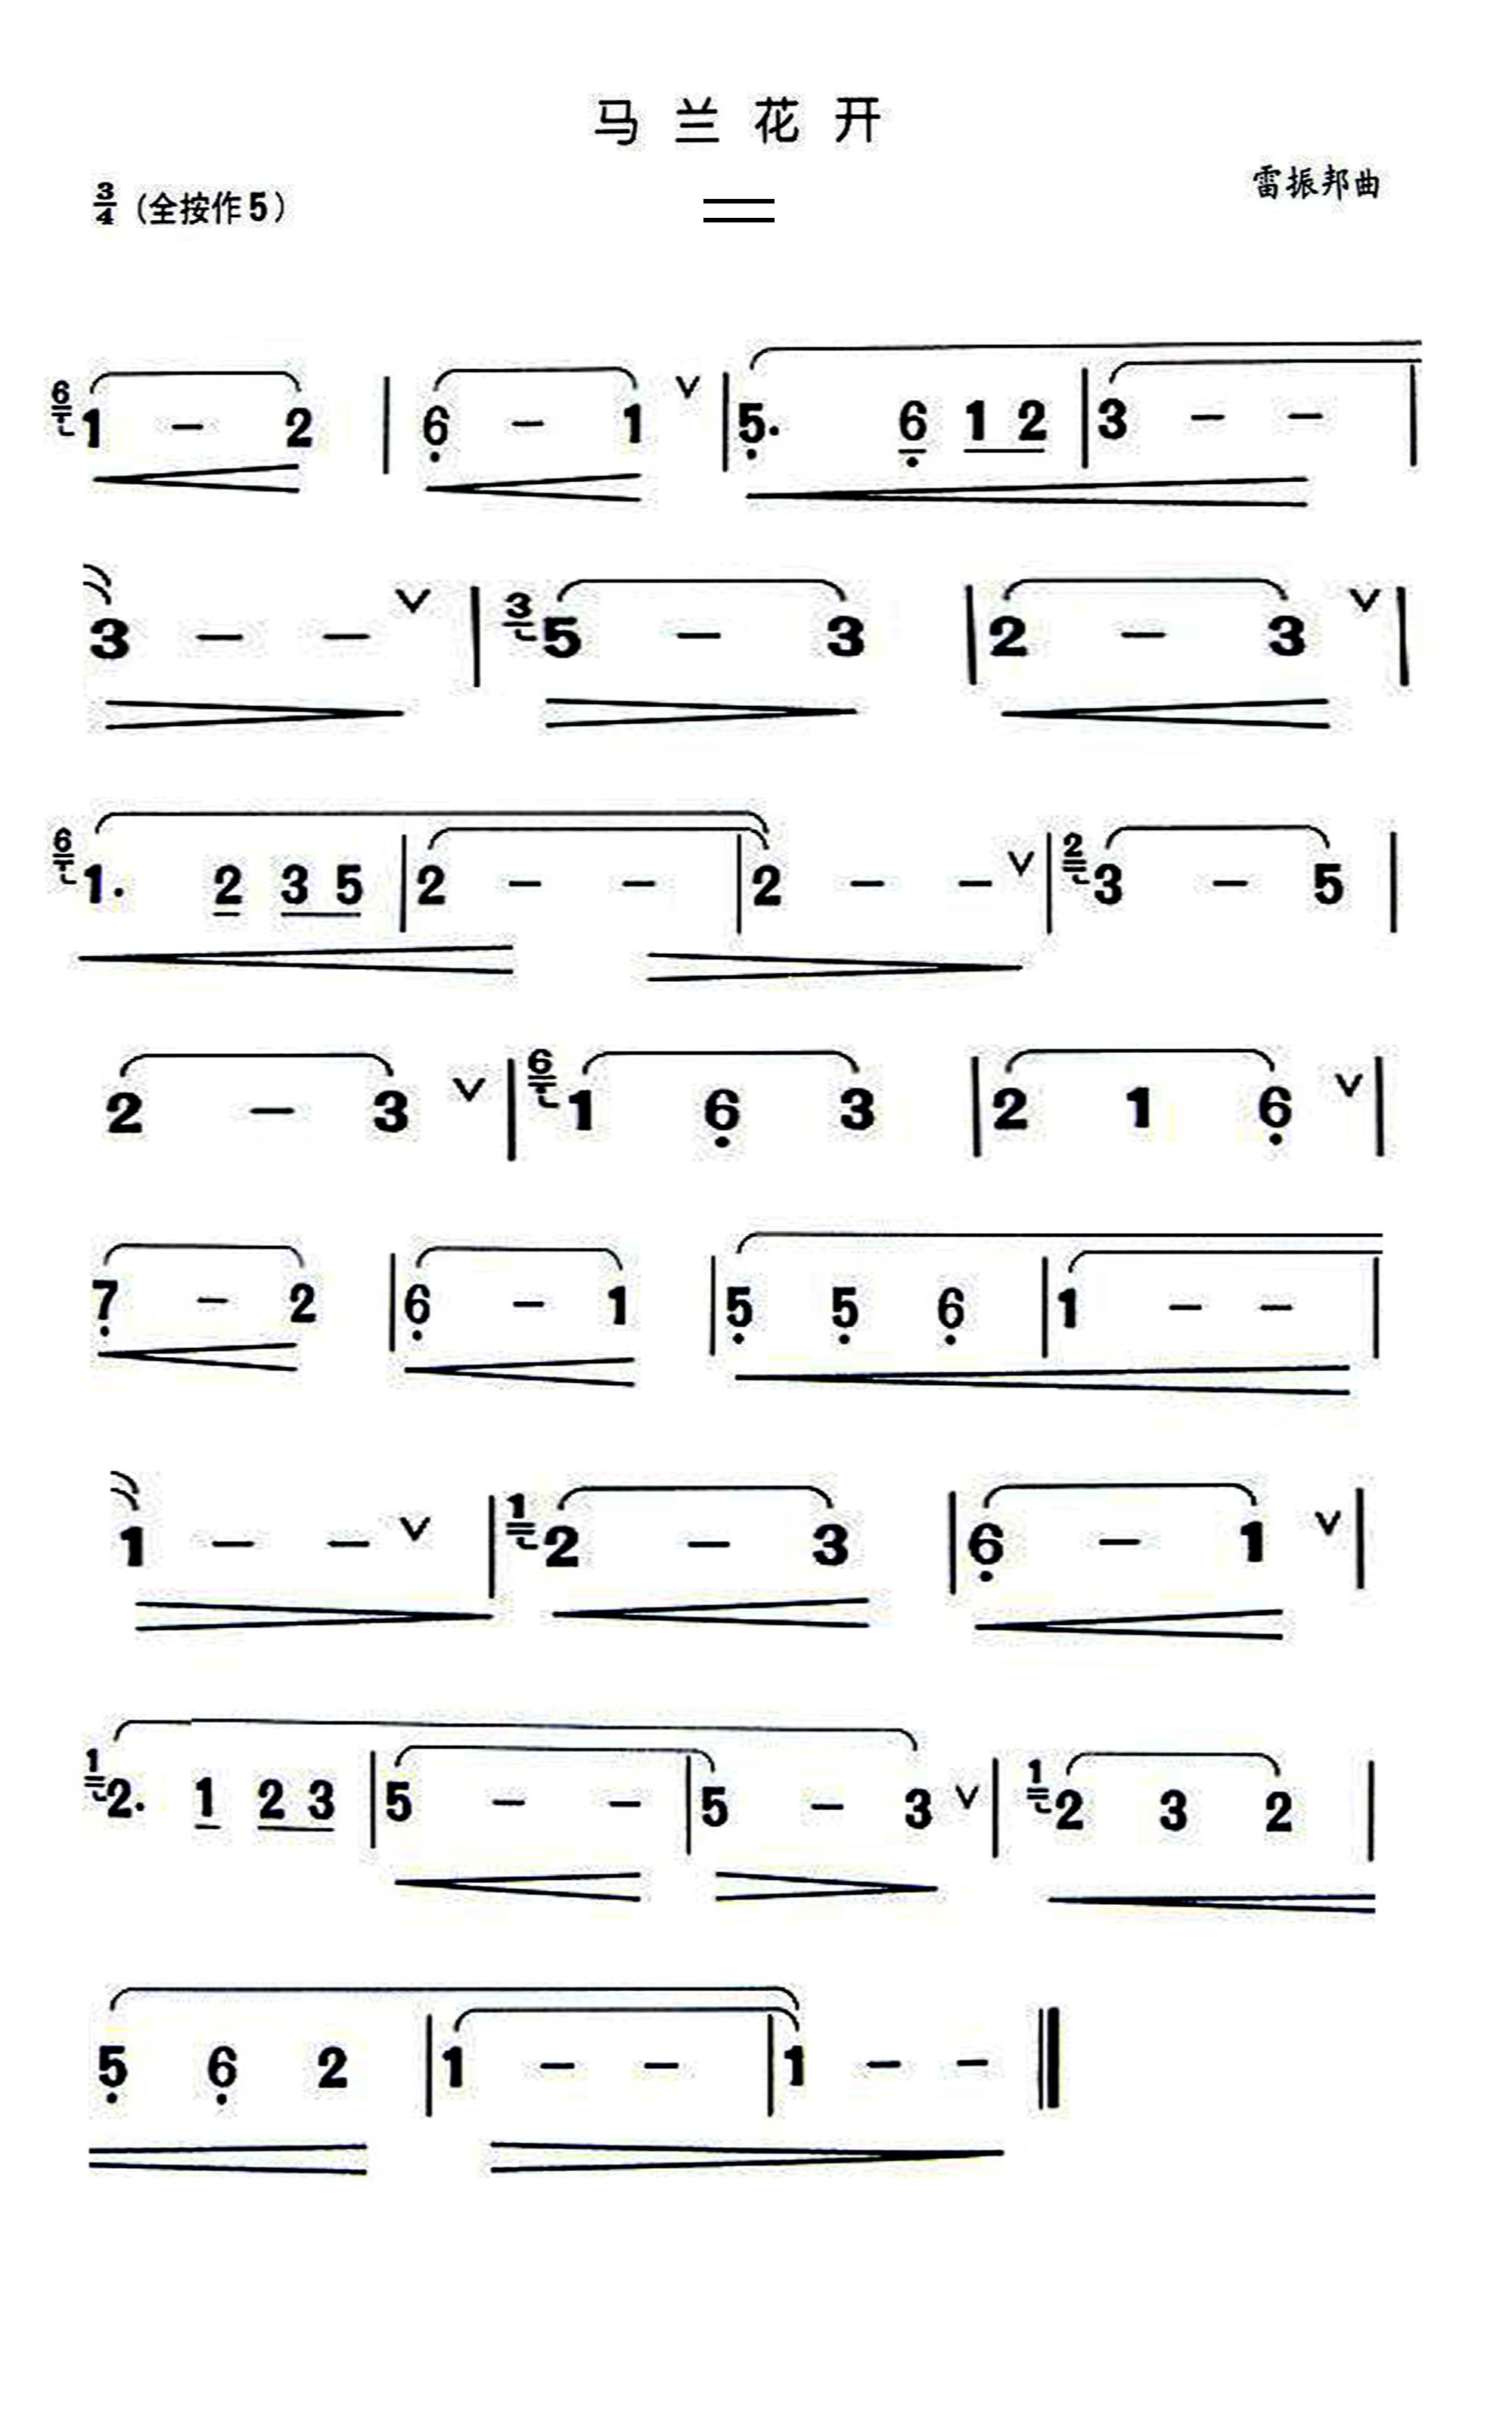 马兰花开--葫芦丝简谱(编曲 混缩)tiger1950